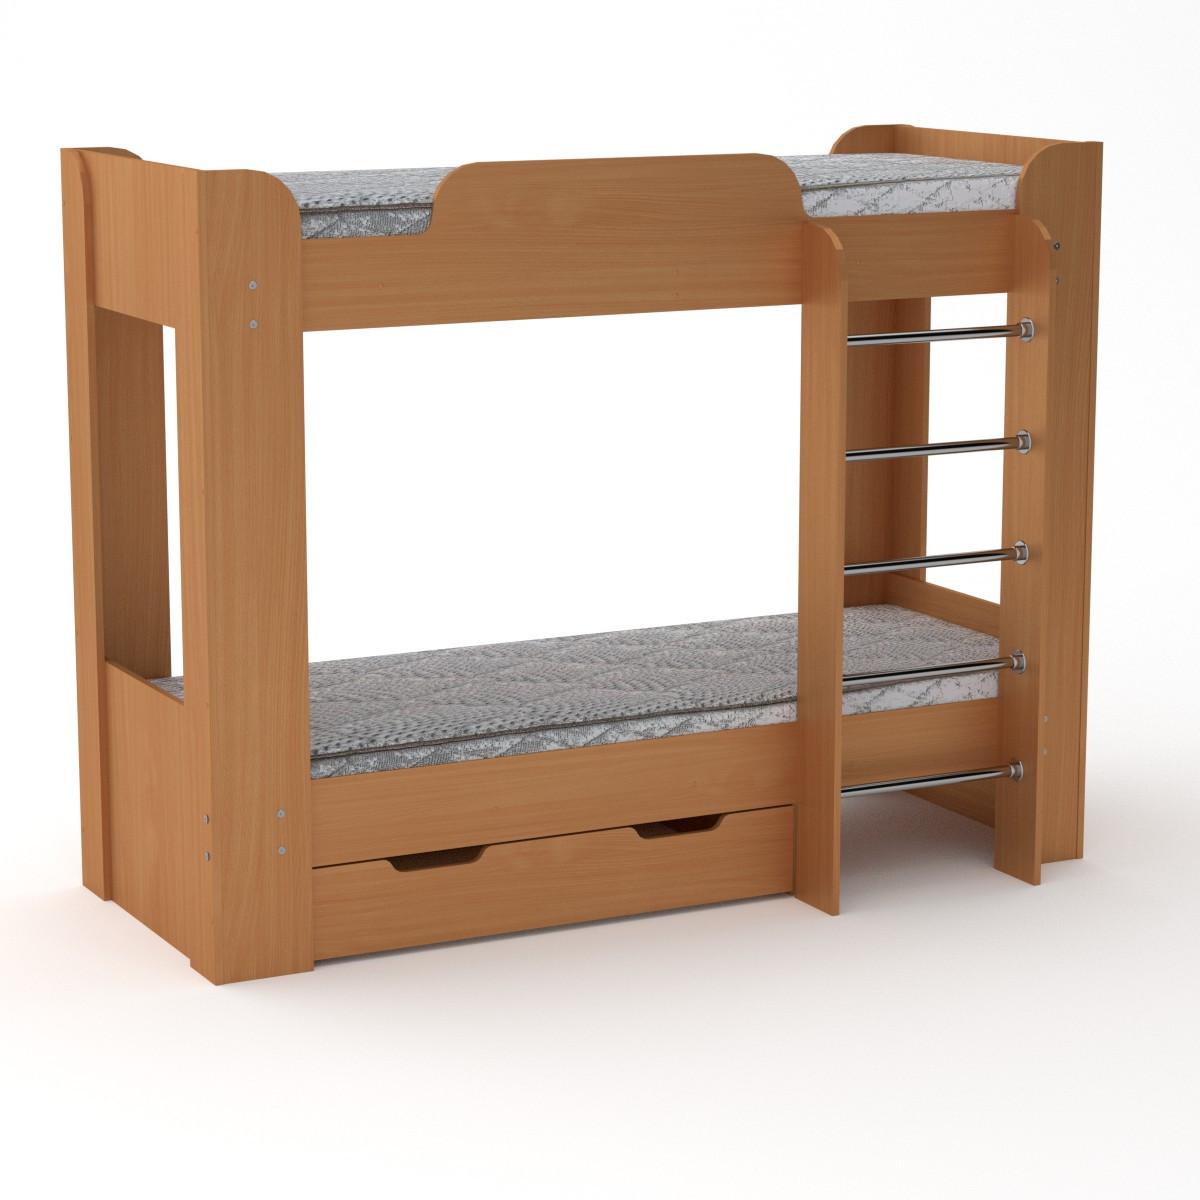 Кровать с матрасами двухъярусная Твикс-2 бук Компанит